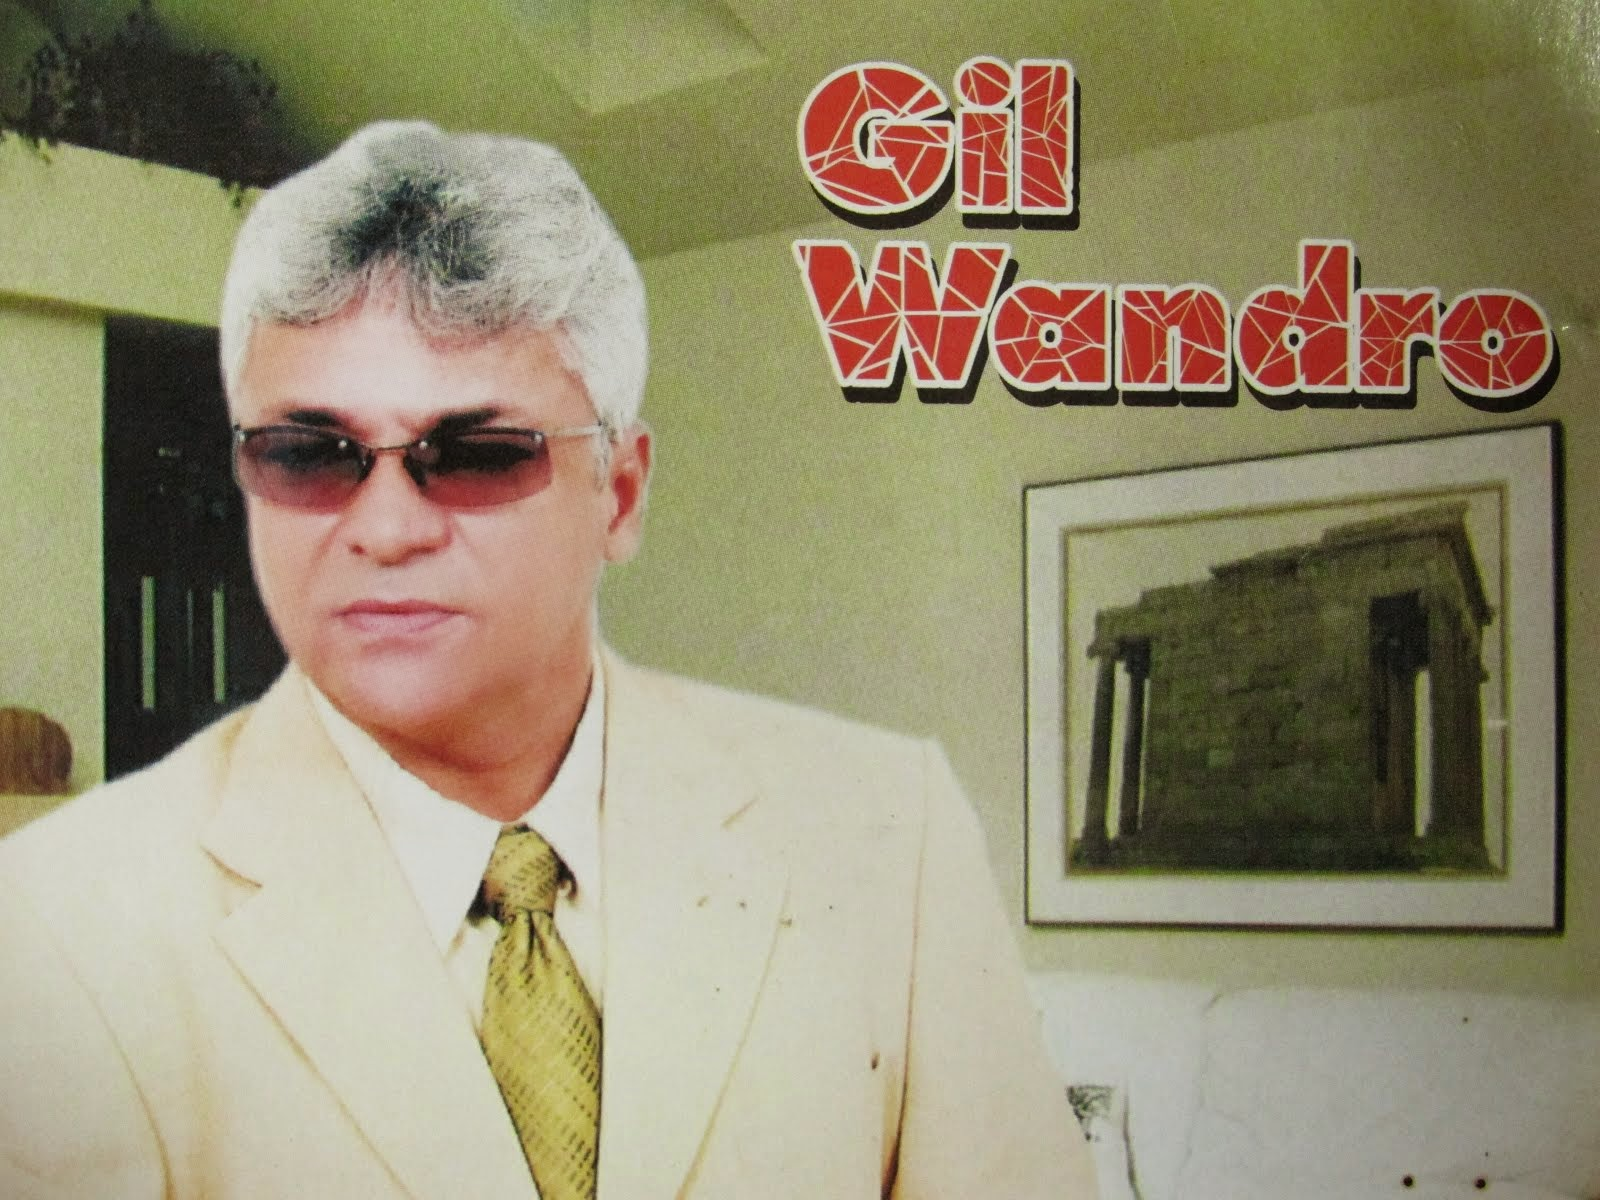 CD I GILWANDRO-Muito obrigado àqueles(las) que se deixaram usar pelo Diabo,ISSO ME TROUXE AS LETRAS